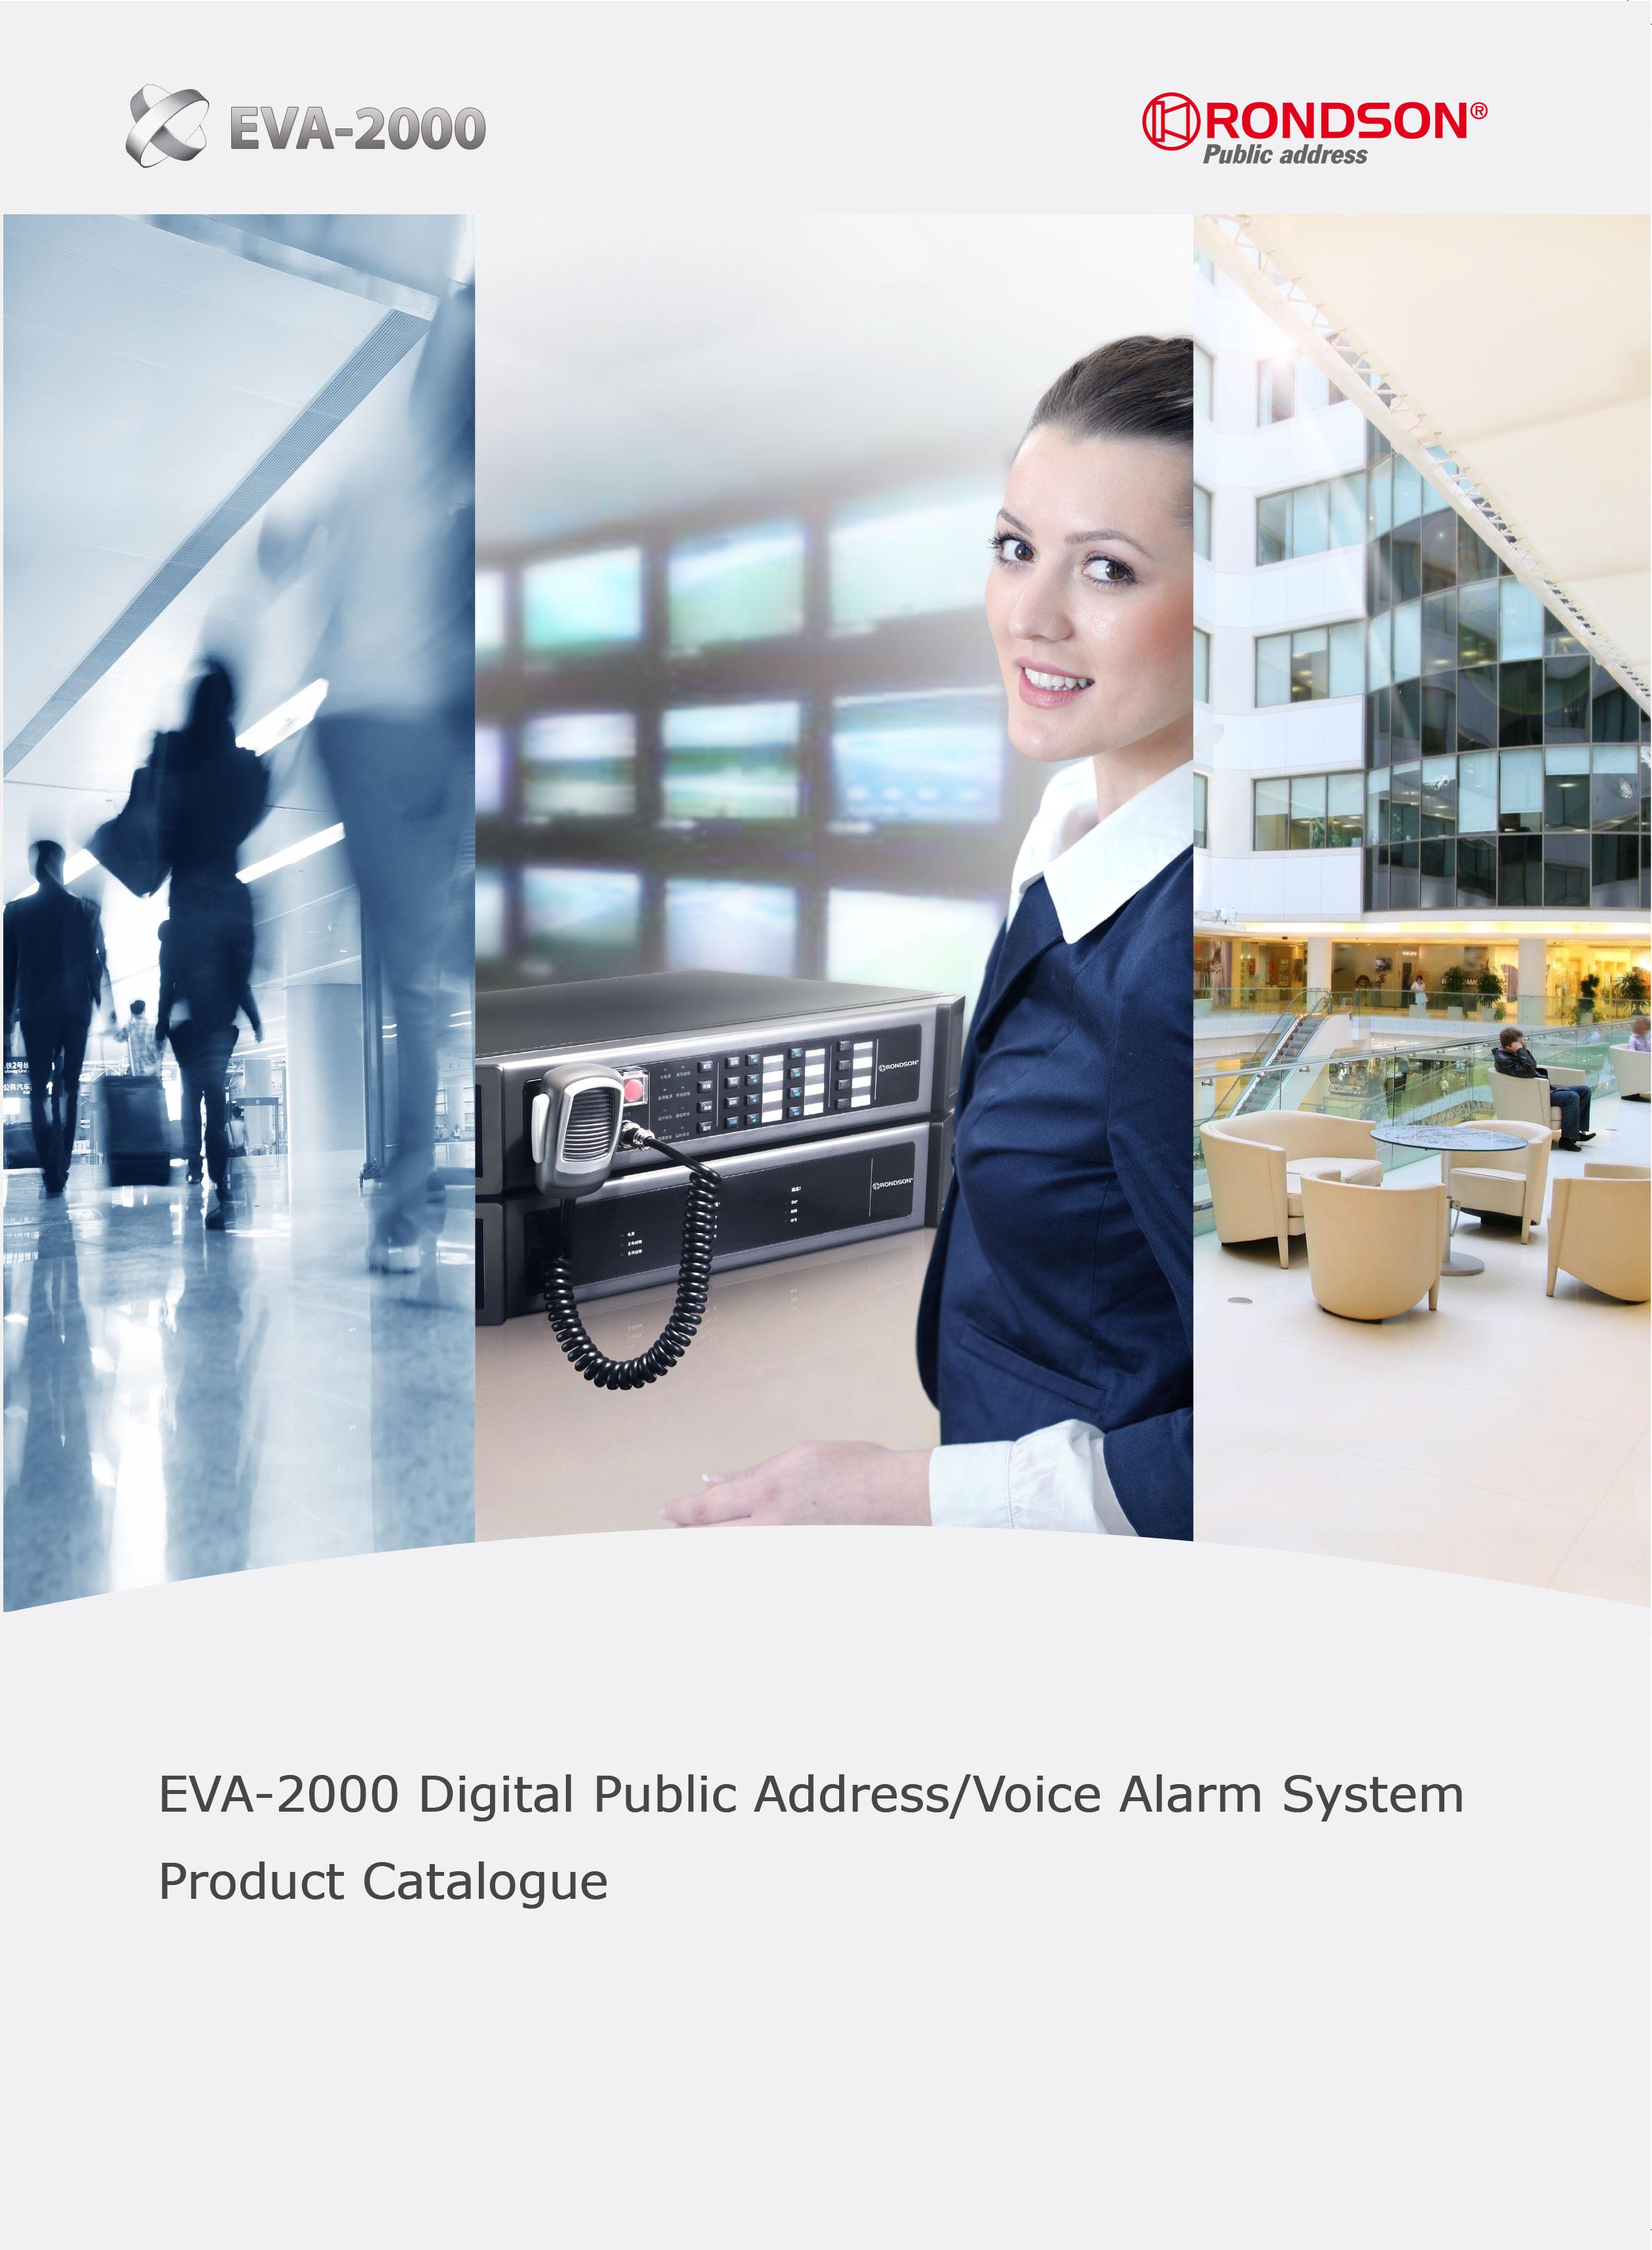 Sonorisation de sécurité EVA-2000